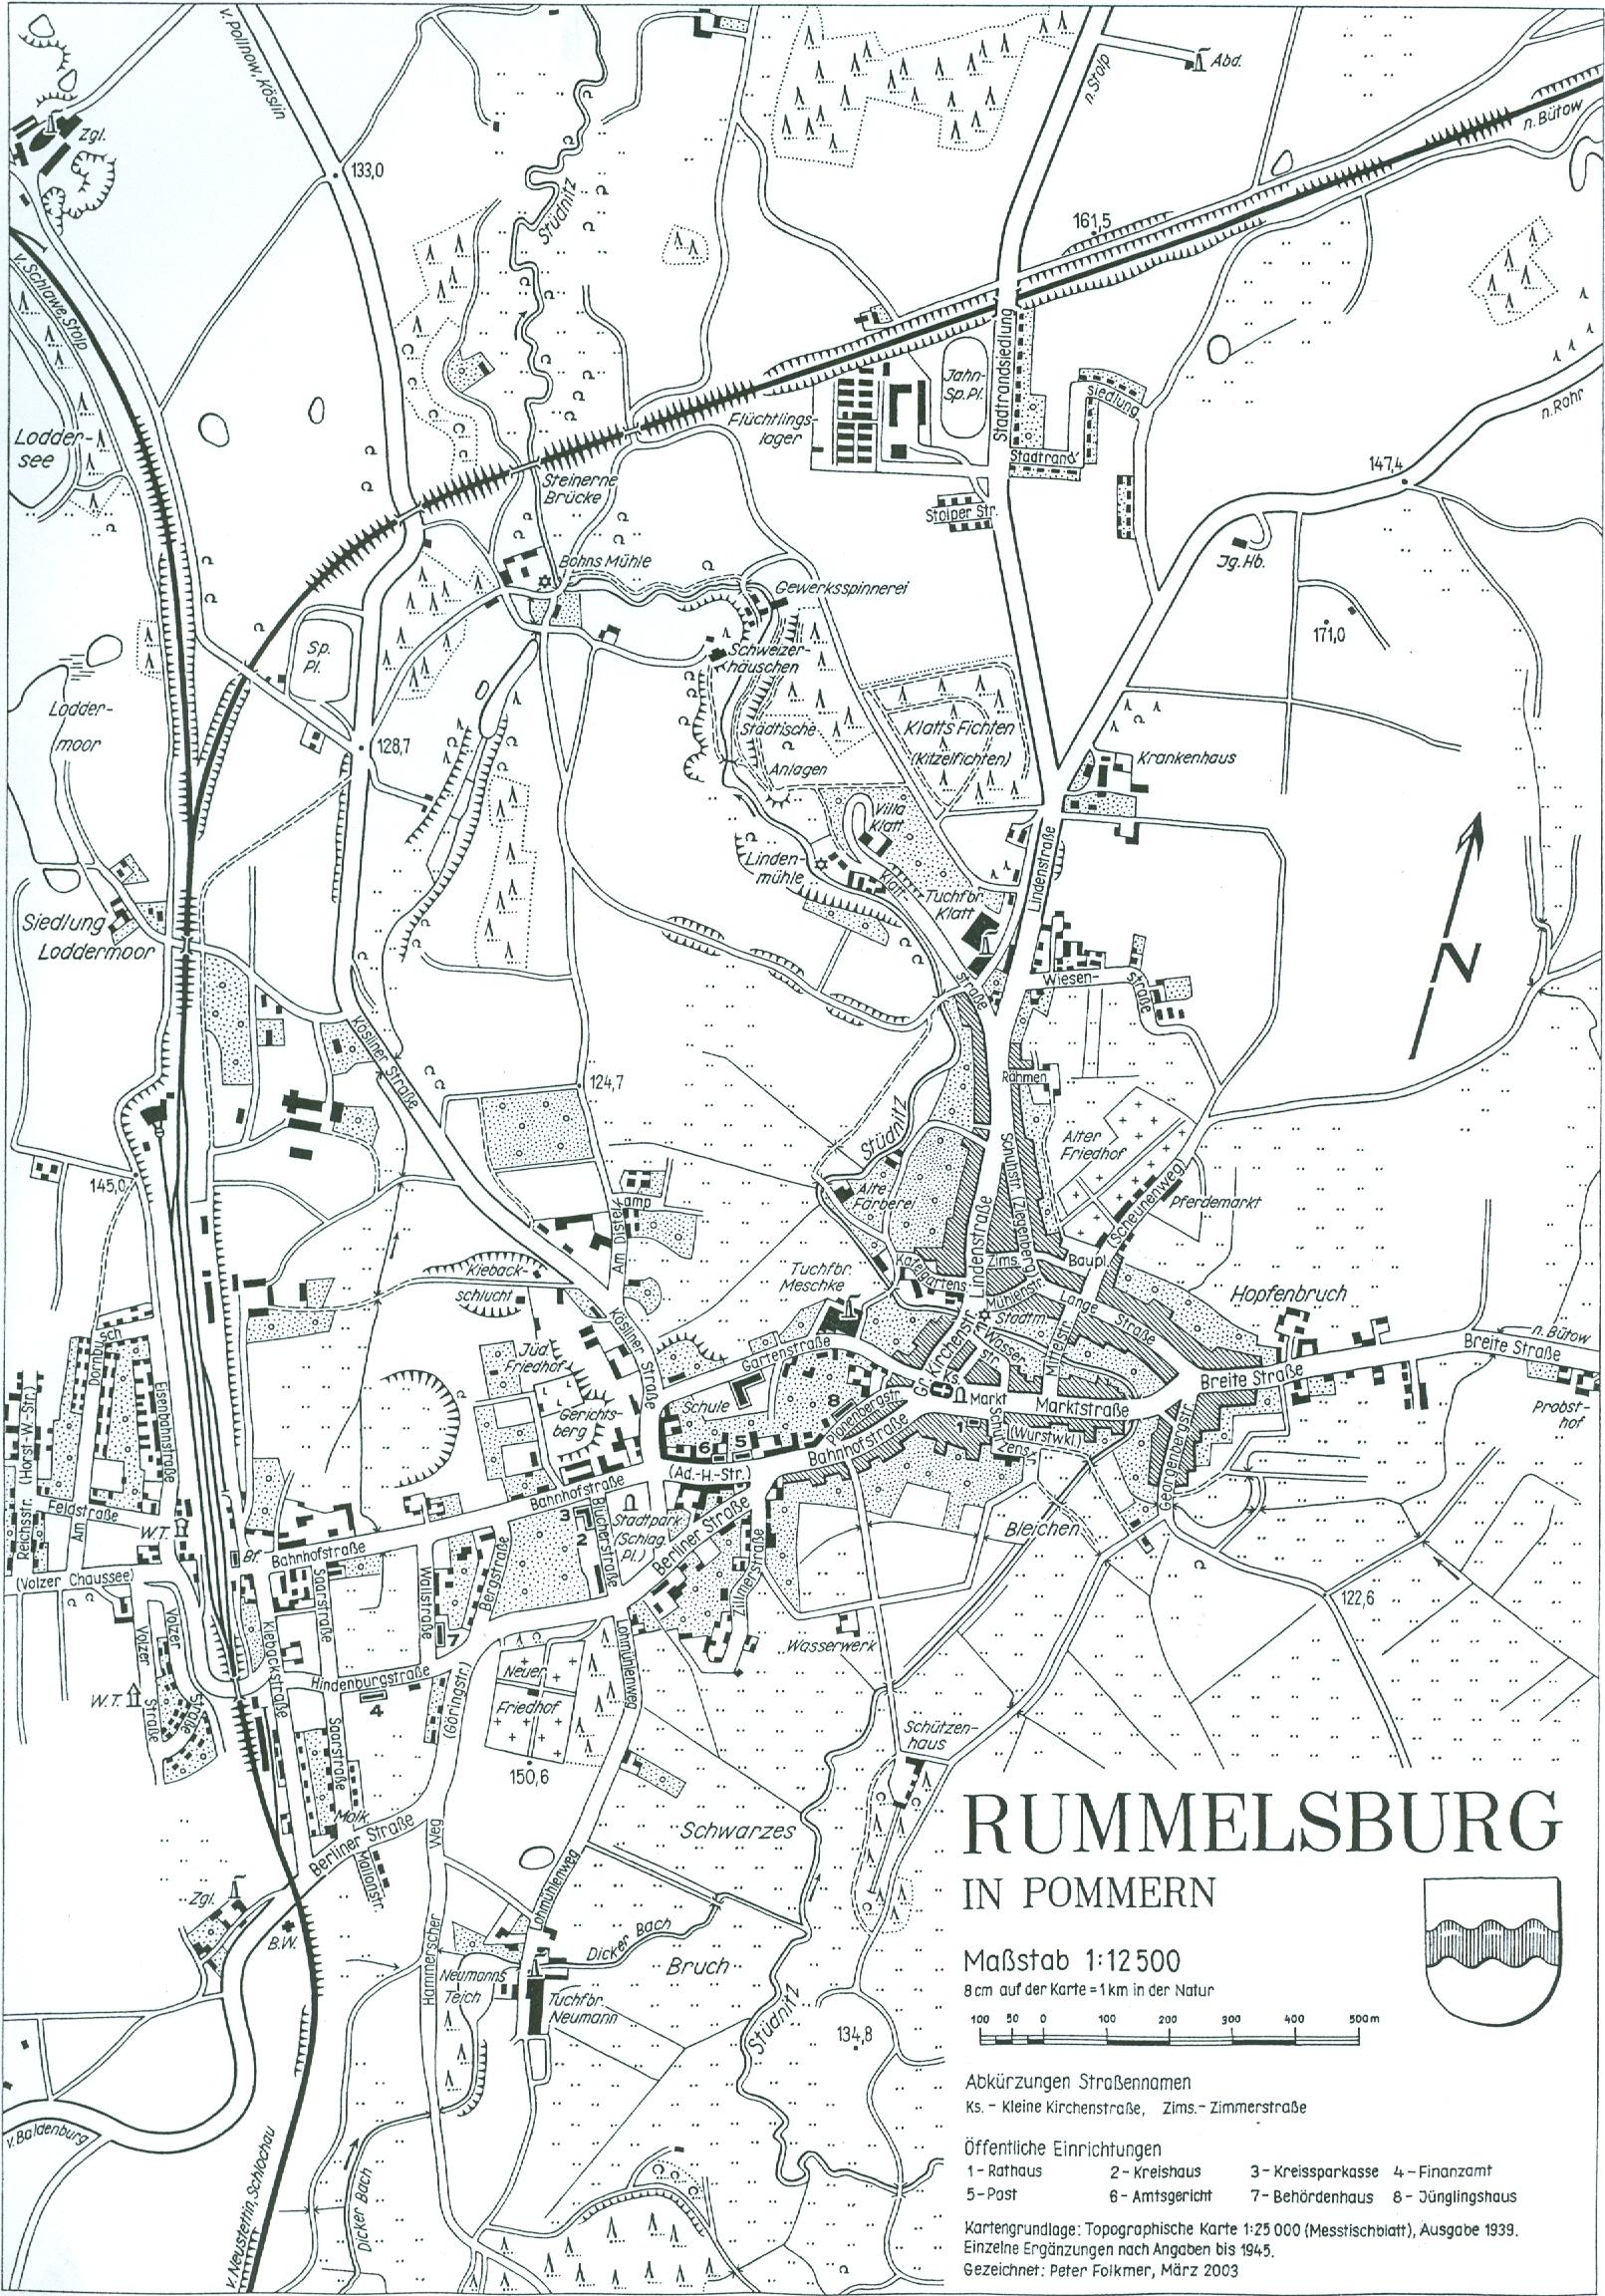 Pommern Karte Vor 1945.Heimatkreis Rummelsburg I Pom Karten